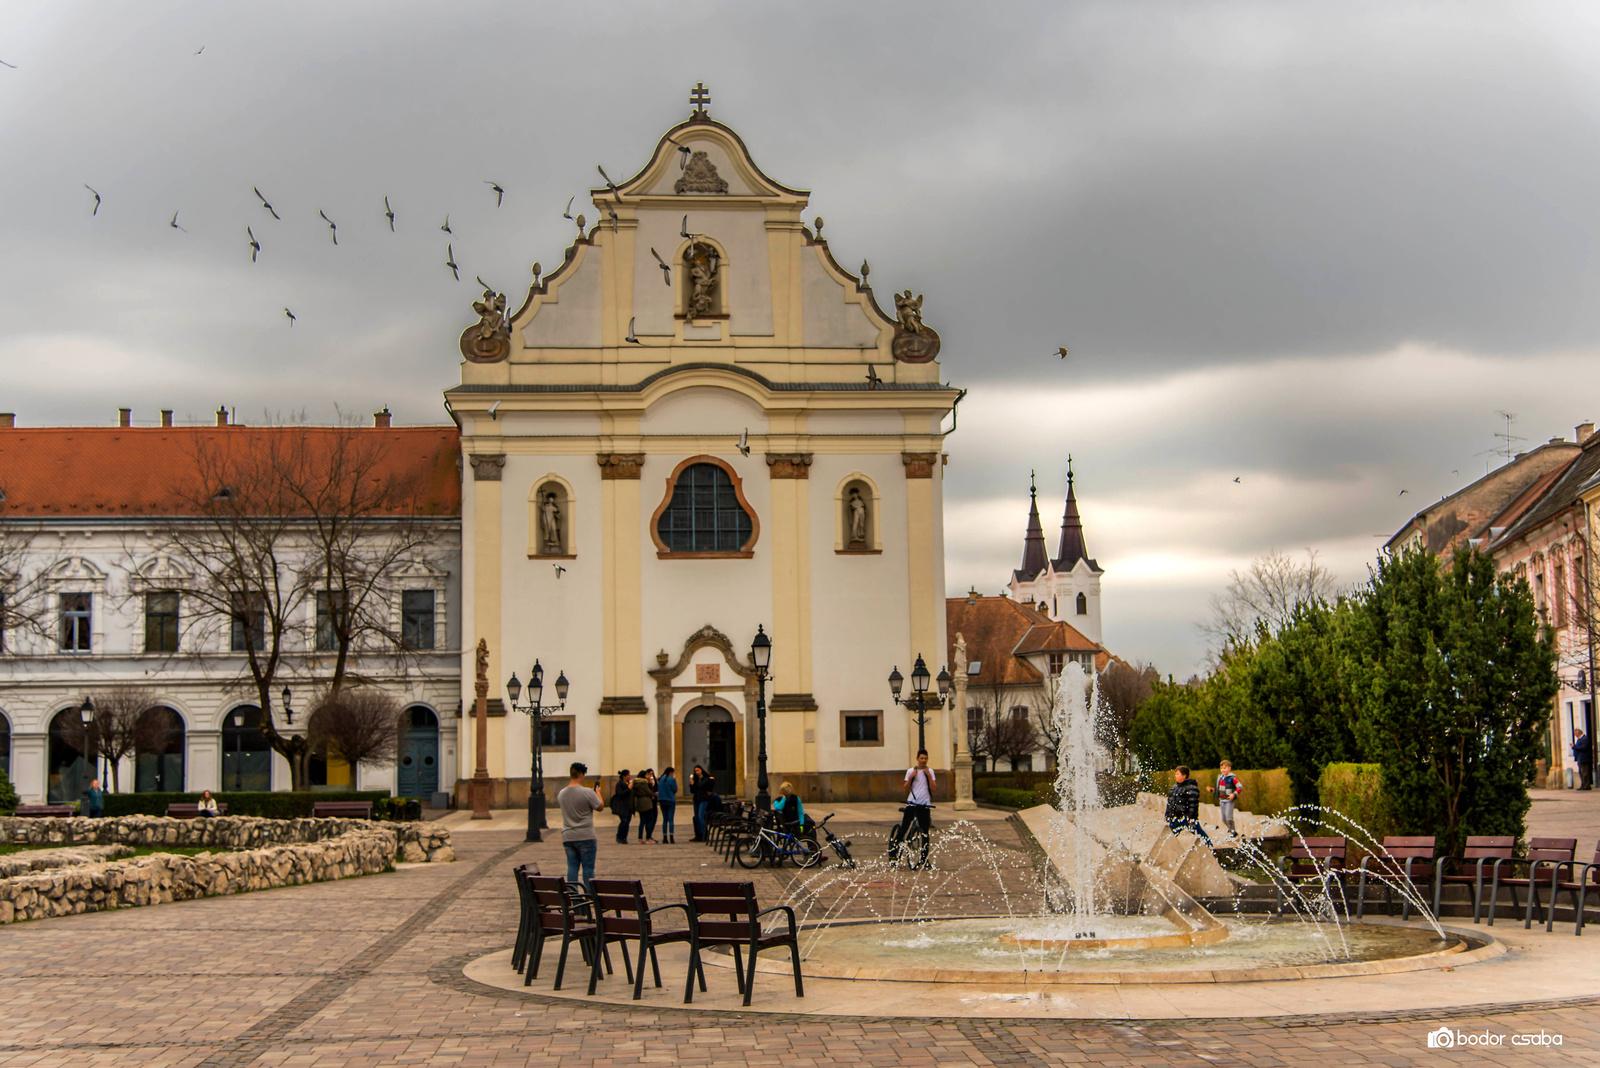 Melyik város híres barokk főtere látható a képen?